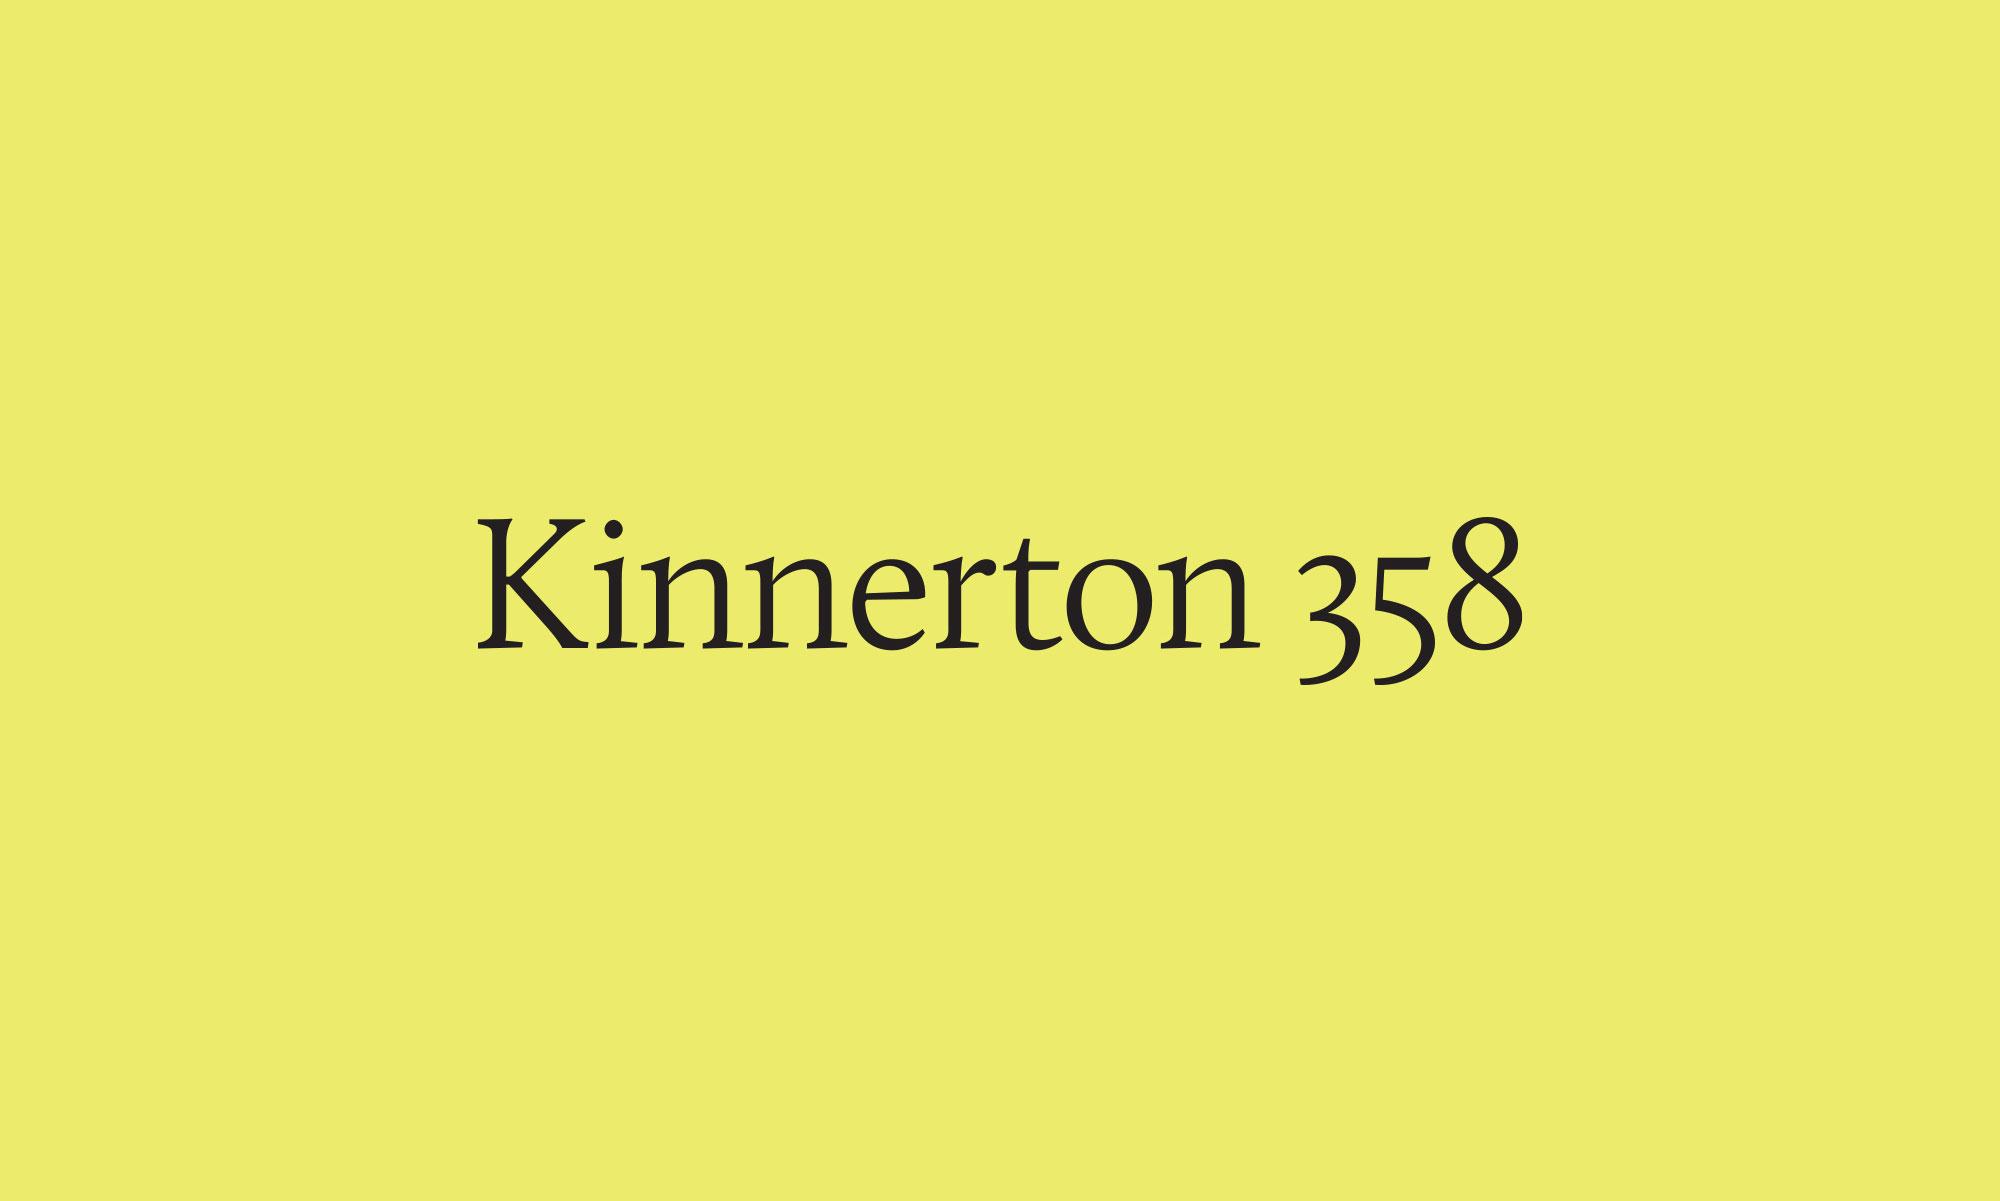 Kinnerton 358